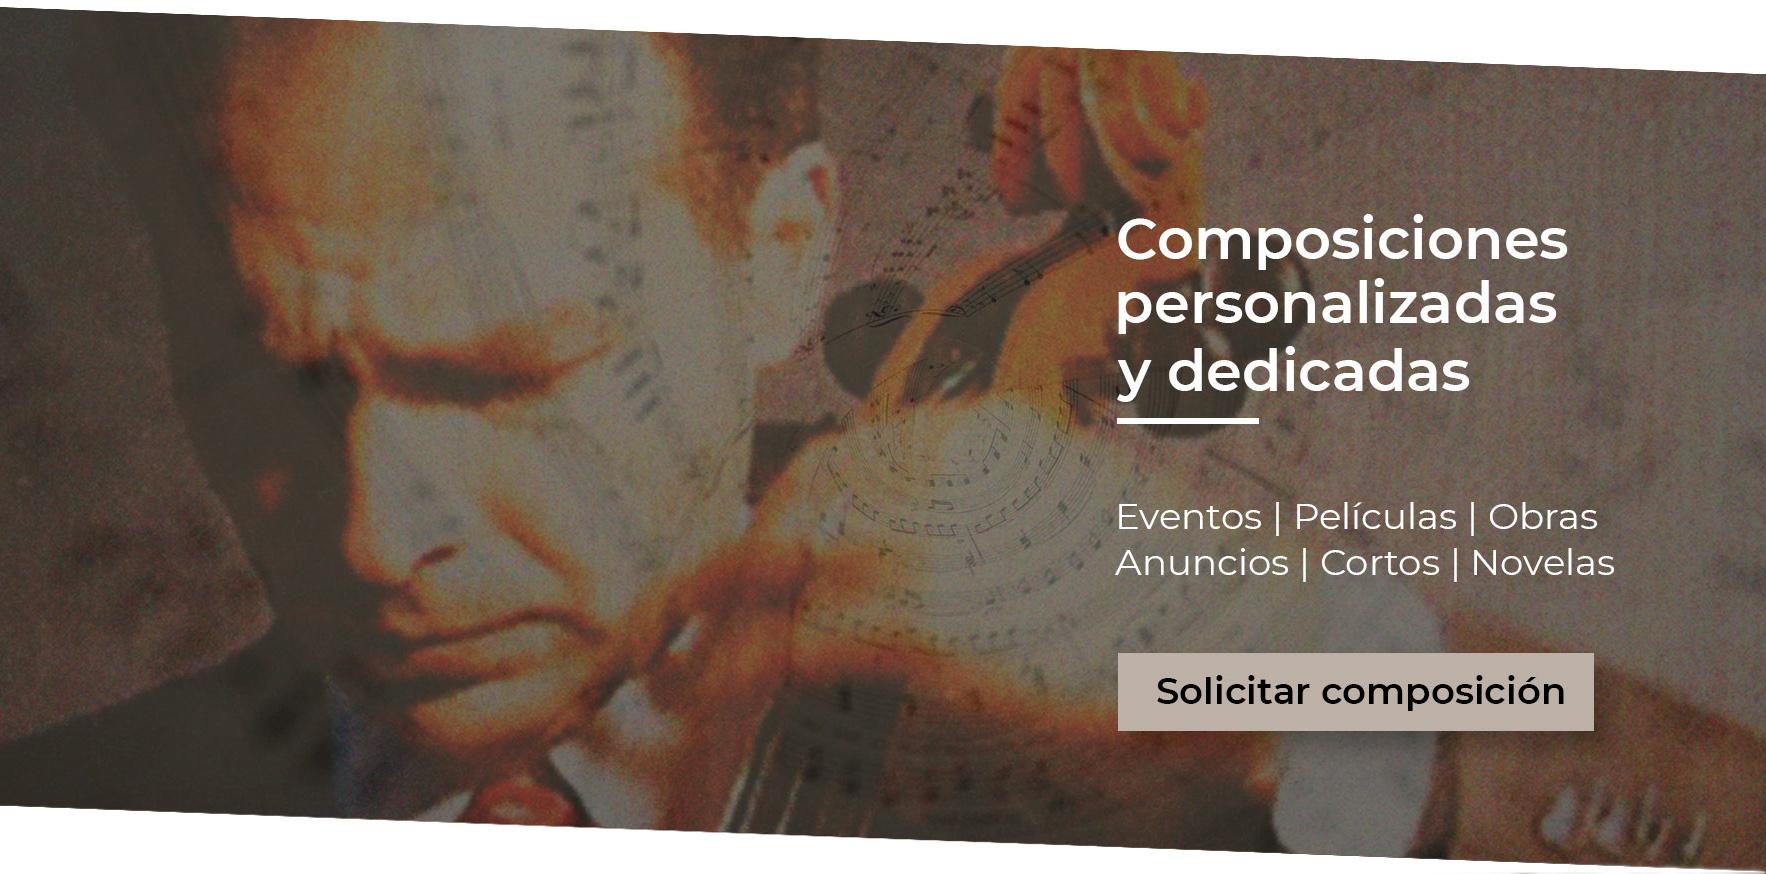 composiciones-personalizadas-samuel-maynez